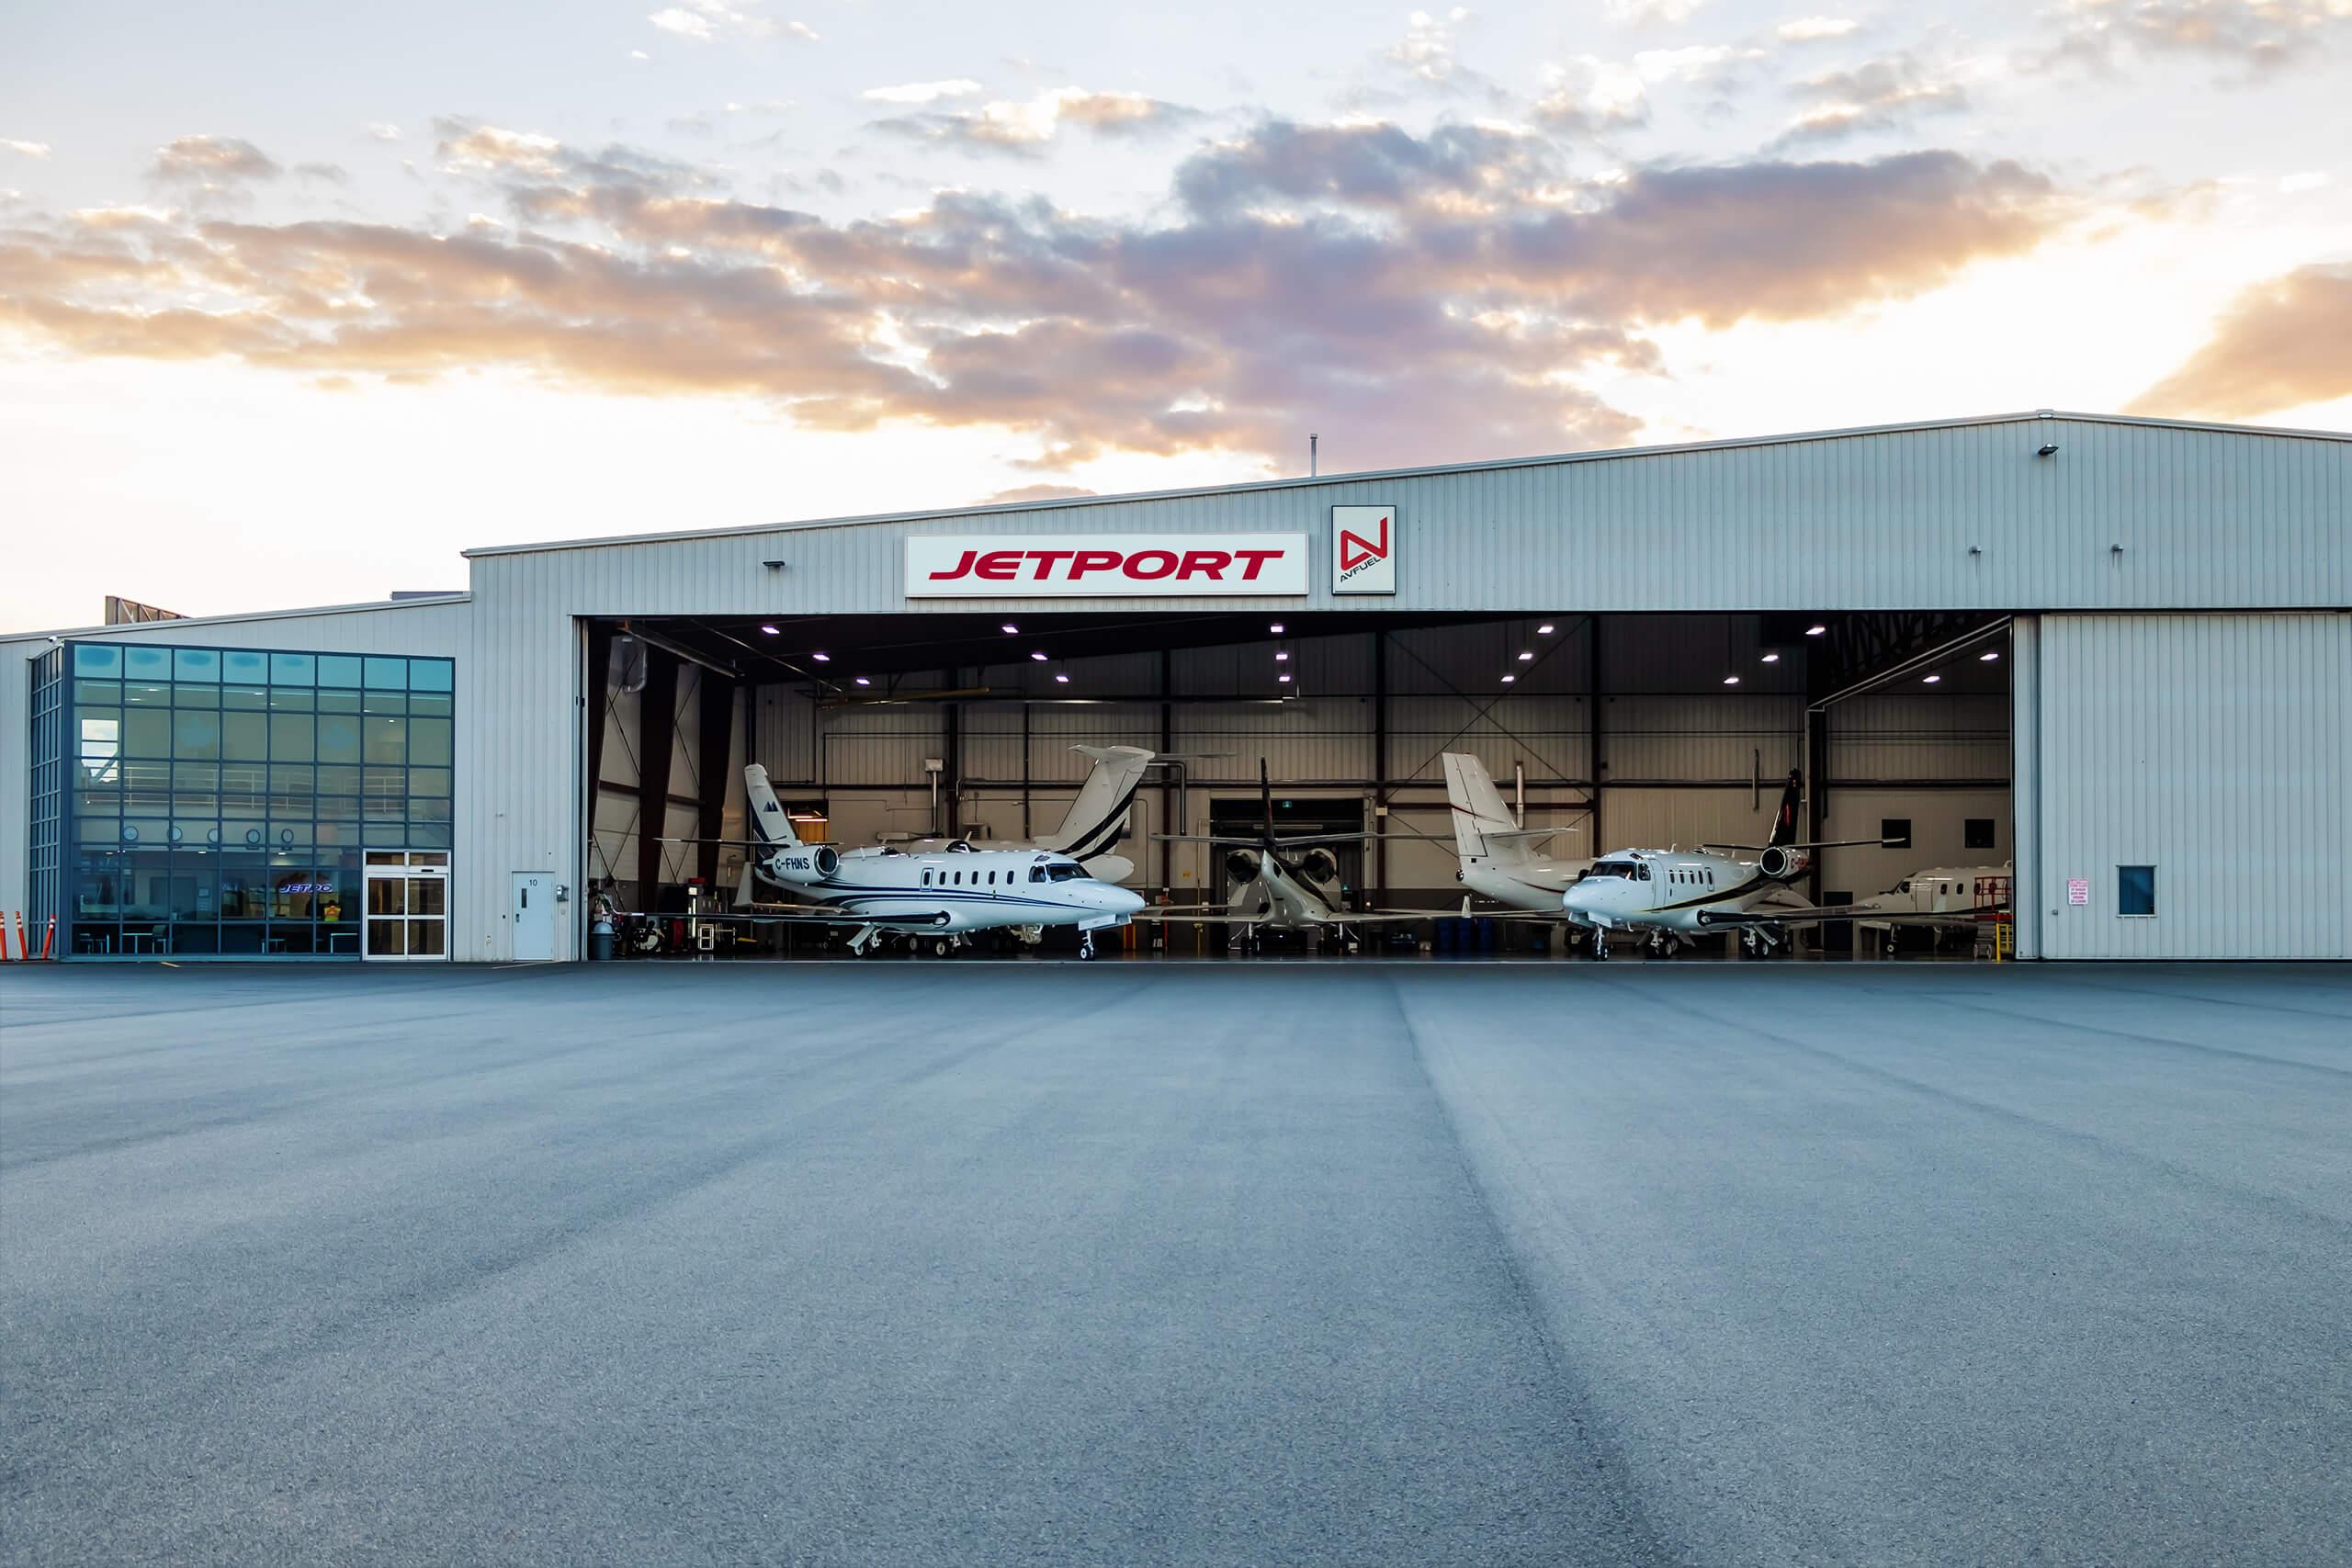 Jetport hanger with jets inside.